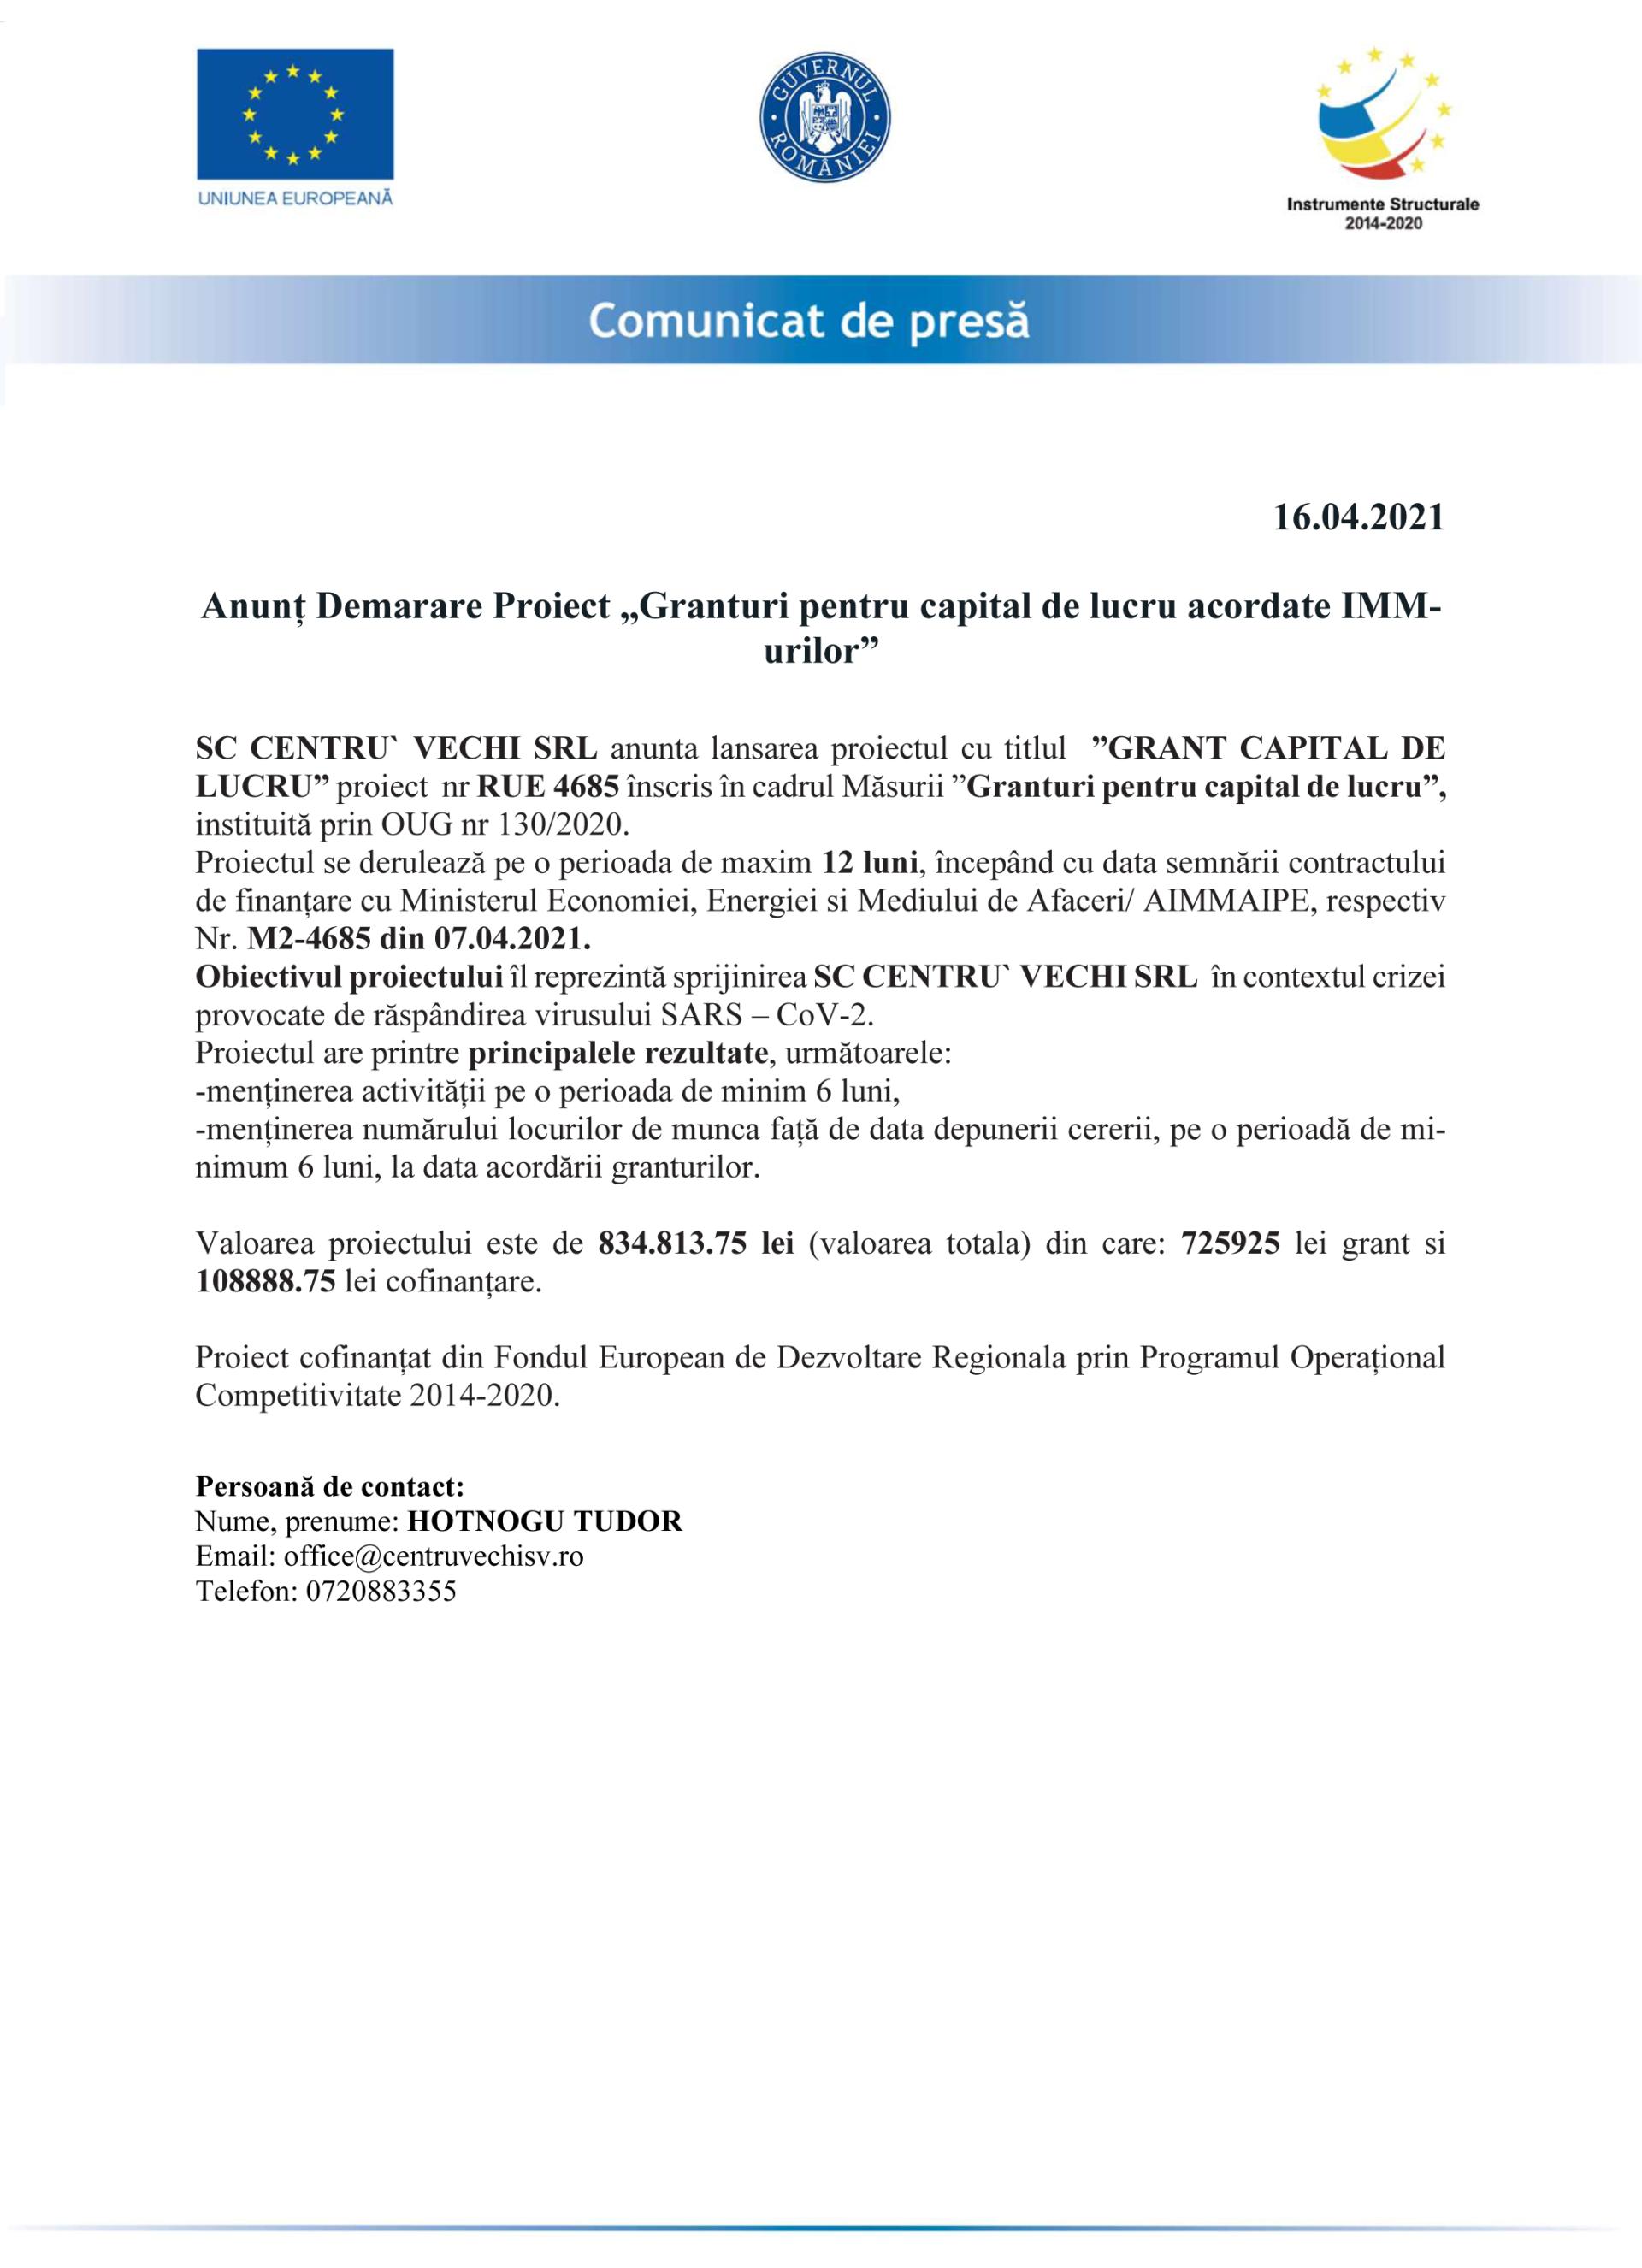 Comunicat_de_Presa_CENTRU_VECHI